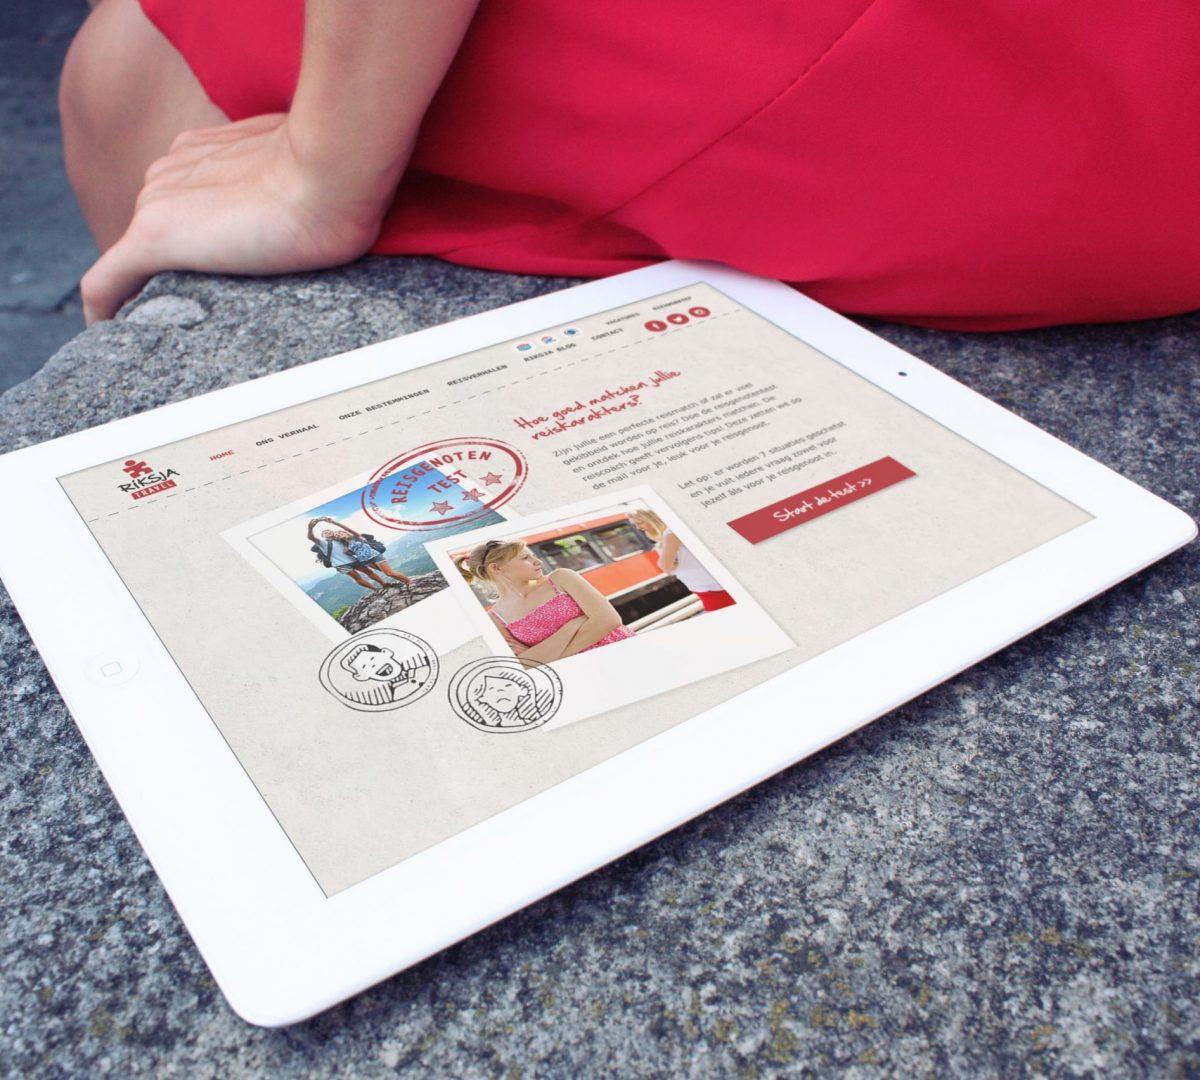 Mockup Online test - reisgenotentest trekt aandacht en creëert daardoor leads